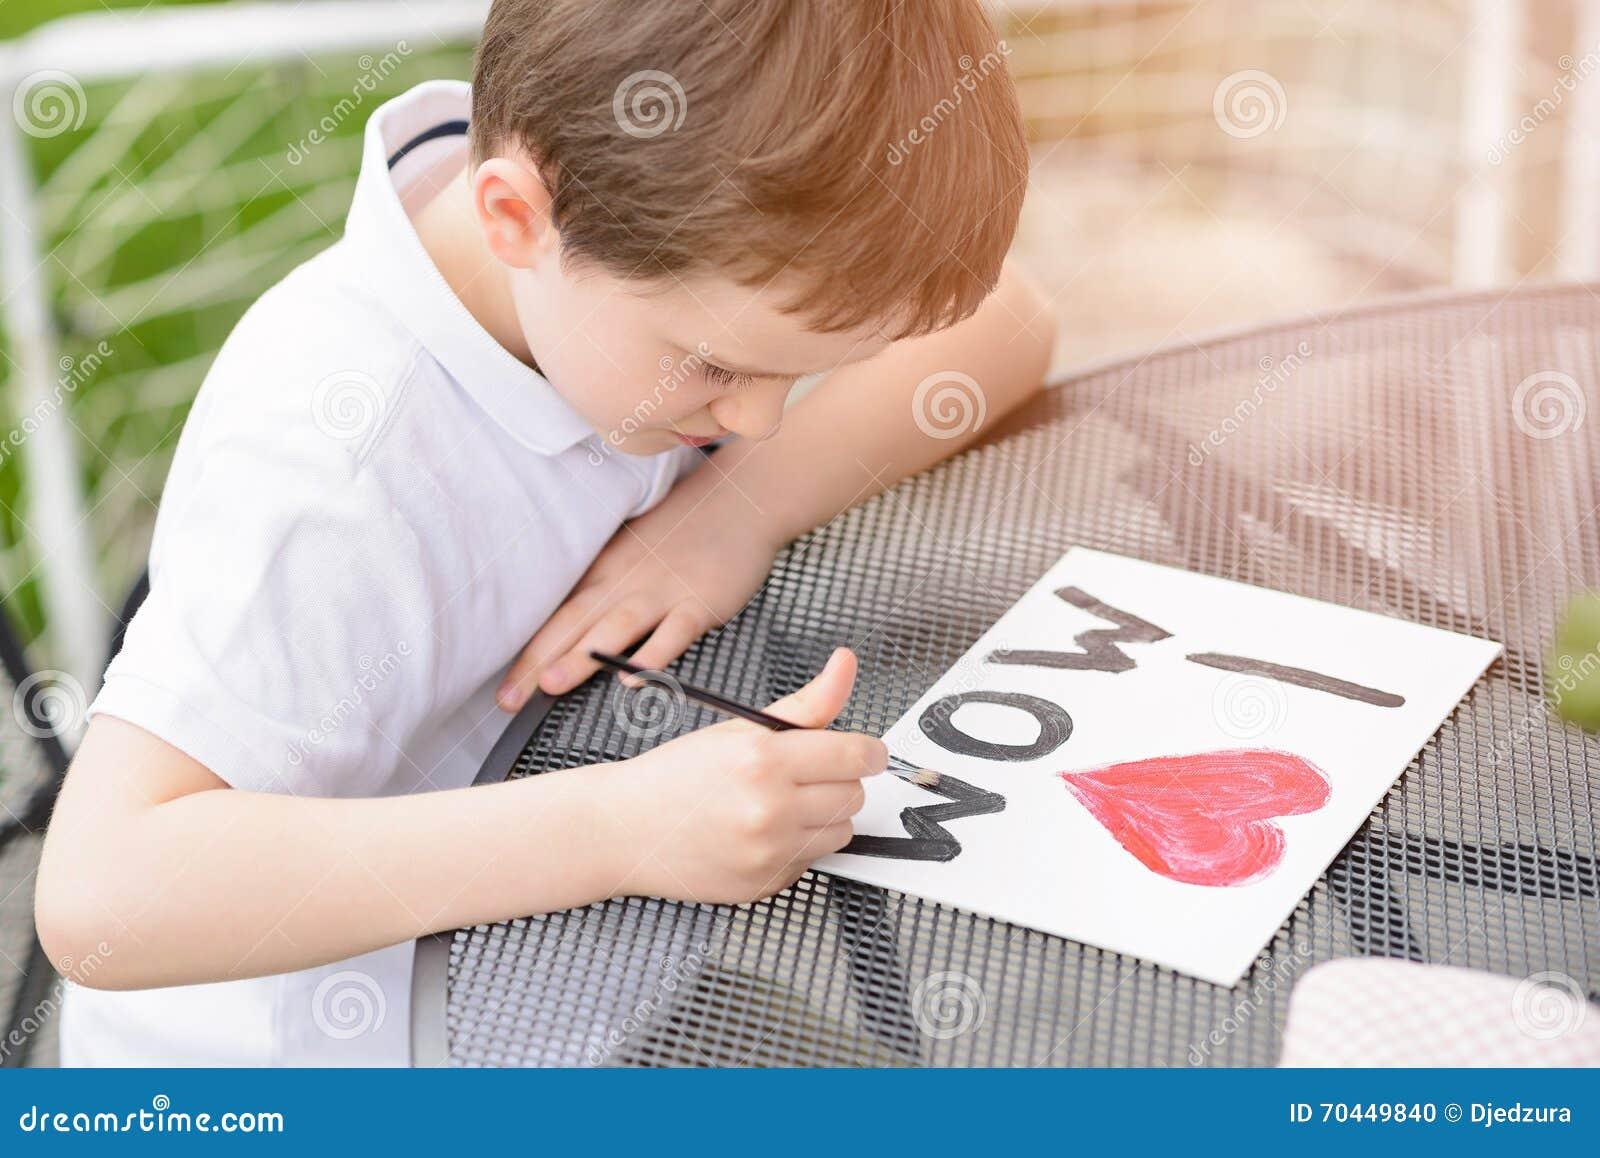 Malt Jähriger Junge 7 Grußkarte Für Mutter Stockfoto Bild Von Filz